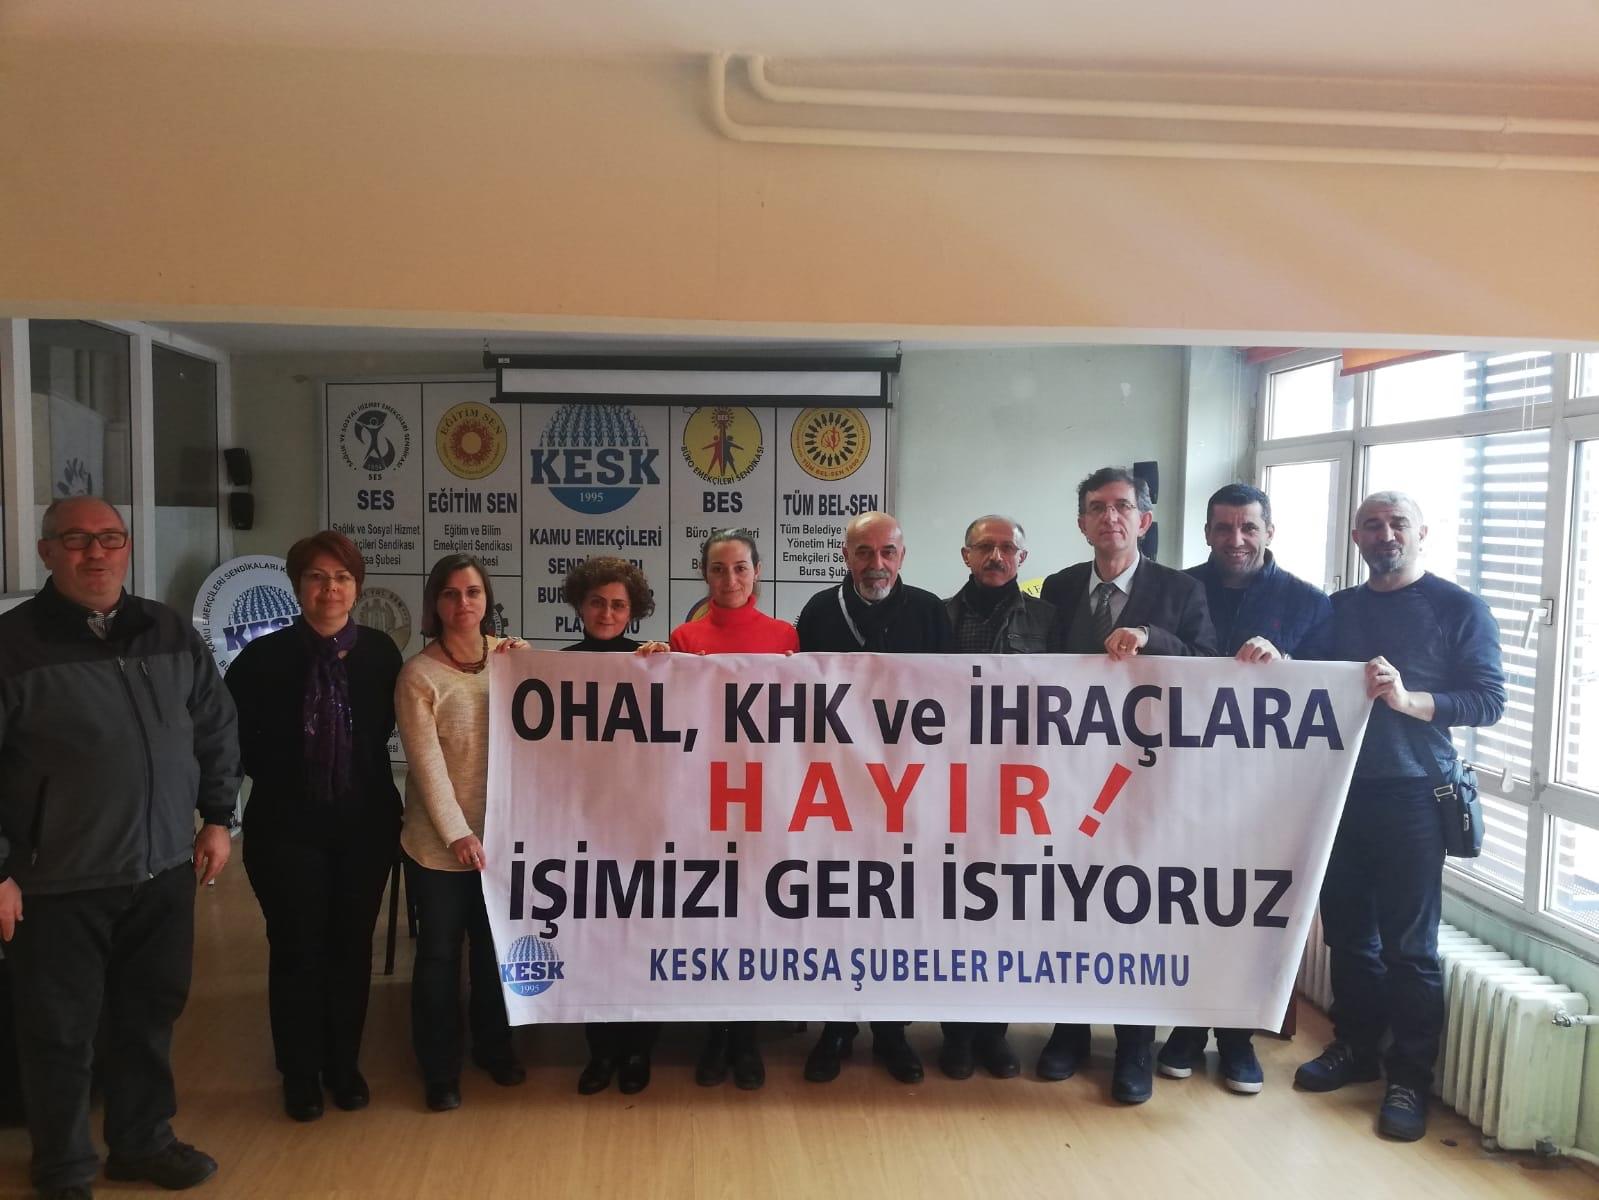 Bursa: Anayasal Suç İşleyen OHAL Komisyonu Derhal Lağvedilmelidir